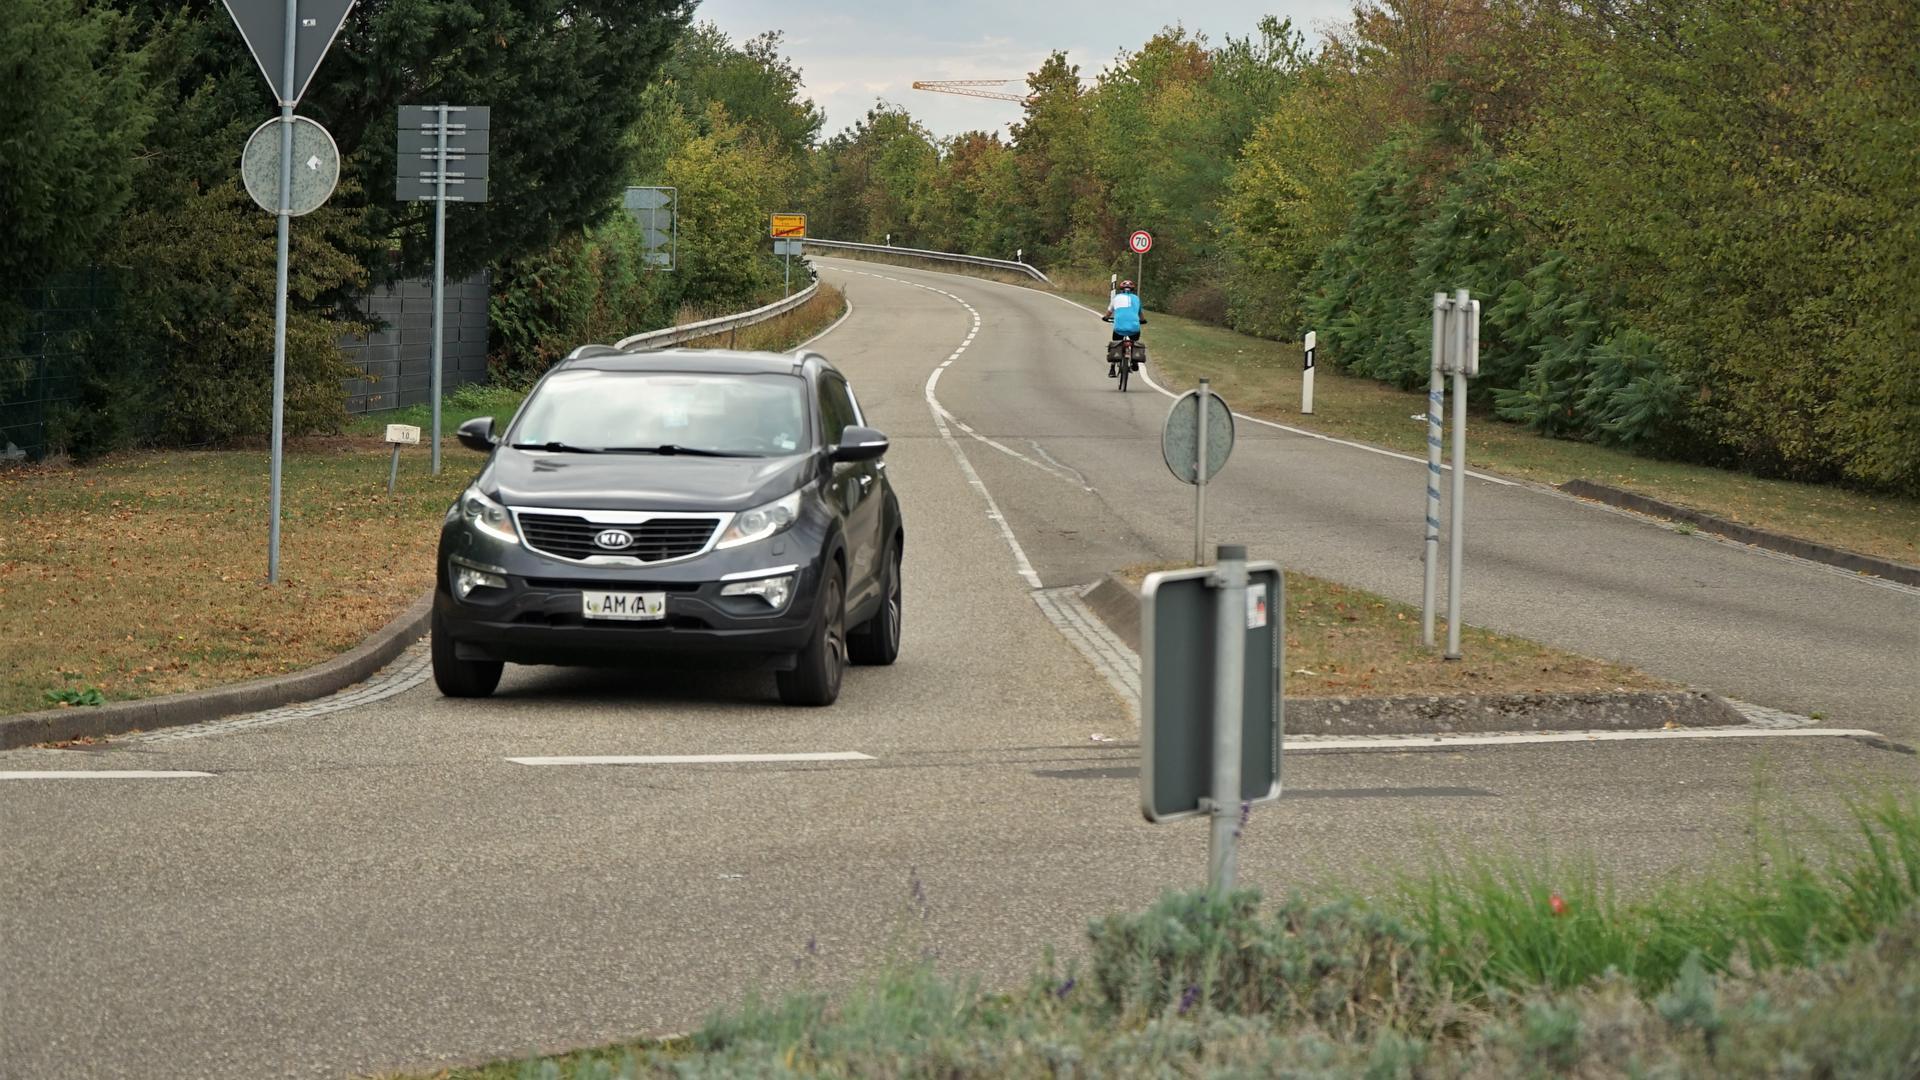 Die Lücke soll geschlossen werden: Mit dem Geh- und Radweg, der ab 2021 gebaut werden soll, wird ein wichtiges Teilstück realisiert. Die Maßnahme ist vor allem der Verkehrssicherheit wegen dringend erforderlich.